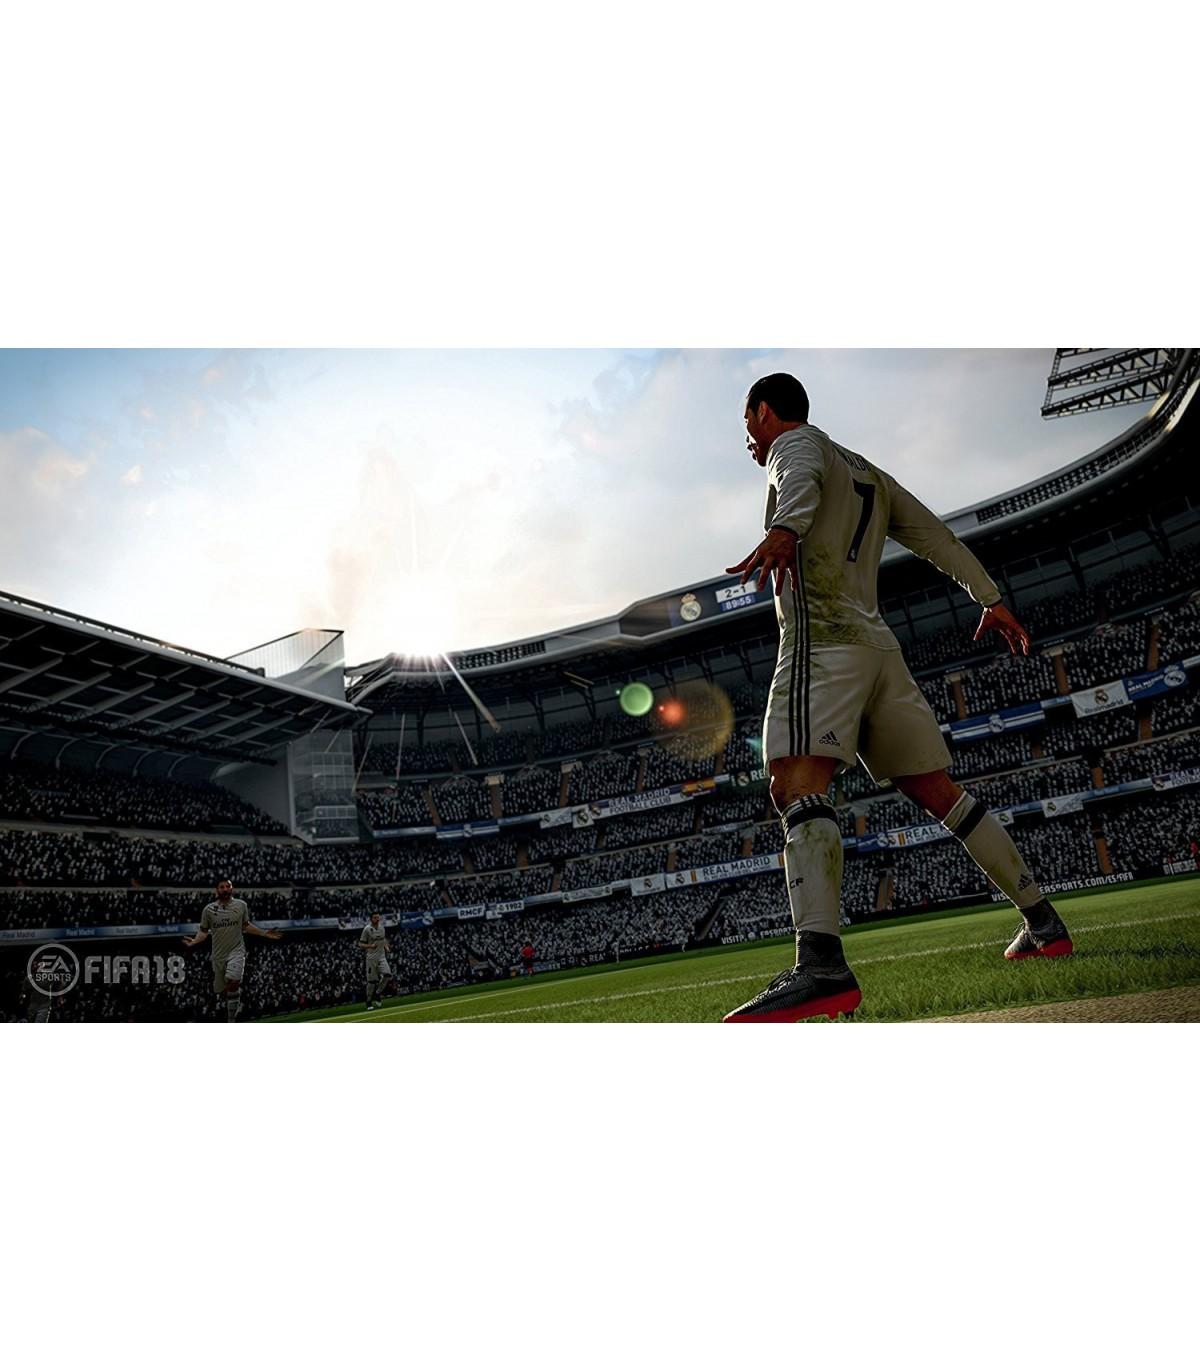 بازی FIFA 18 - پلی استیشن 4